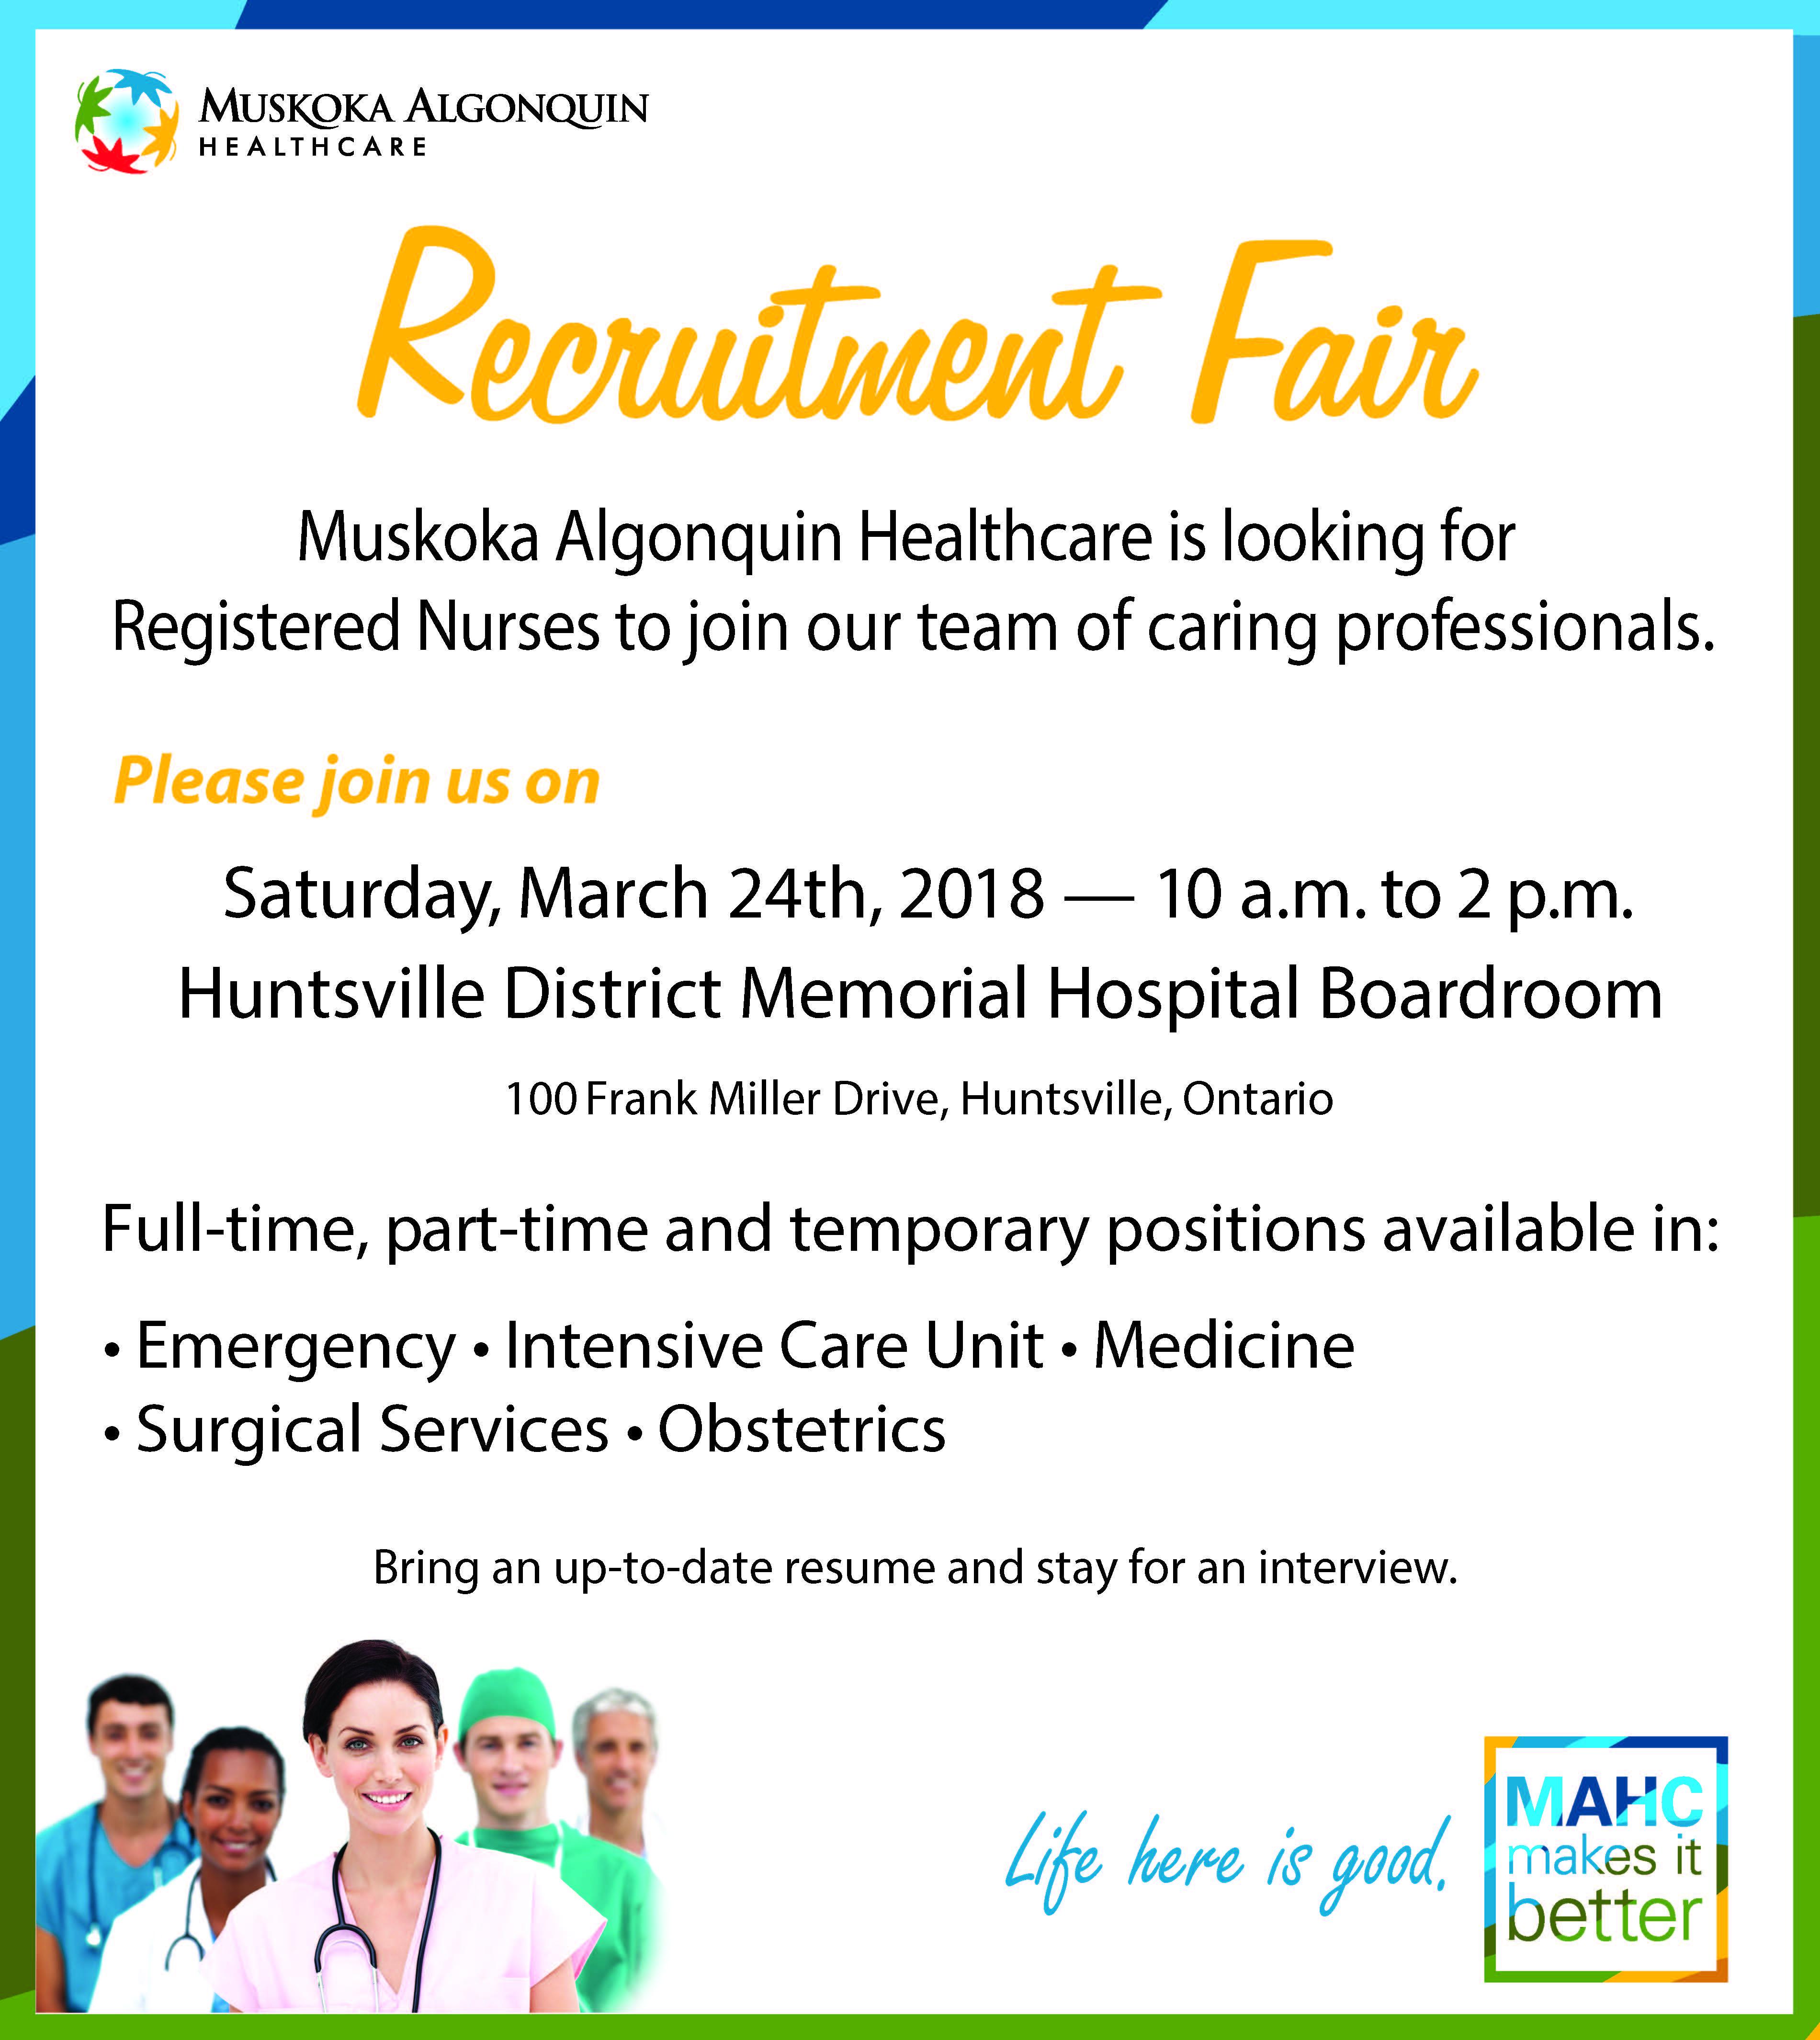 2018 Recruitment Fair Advert